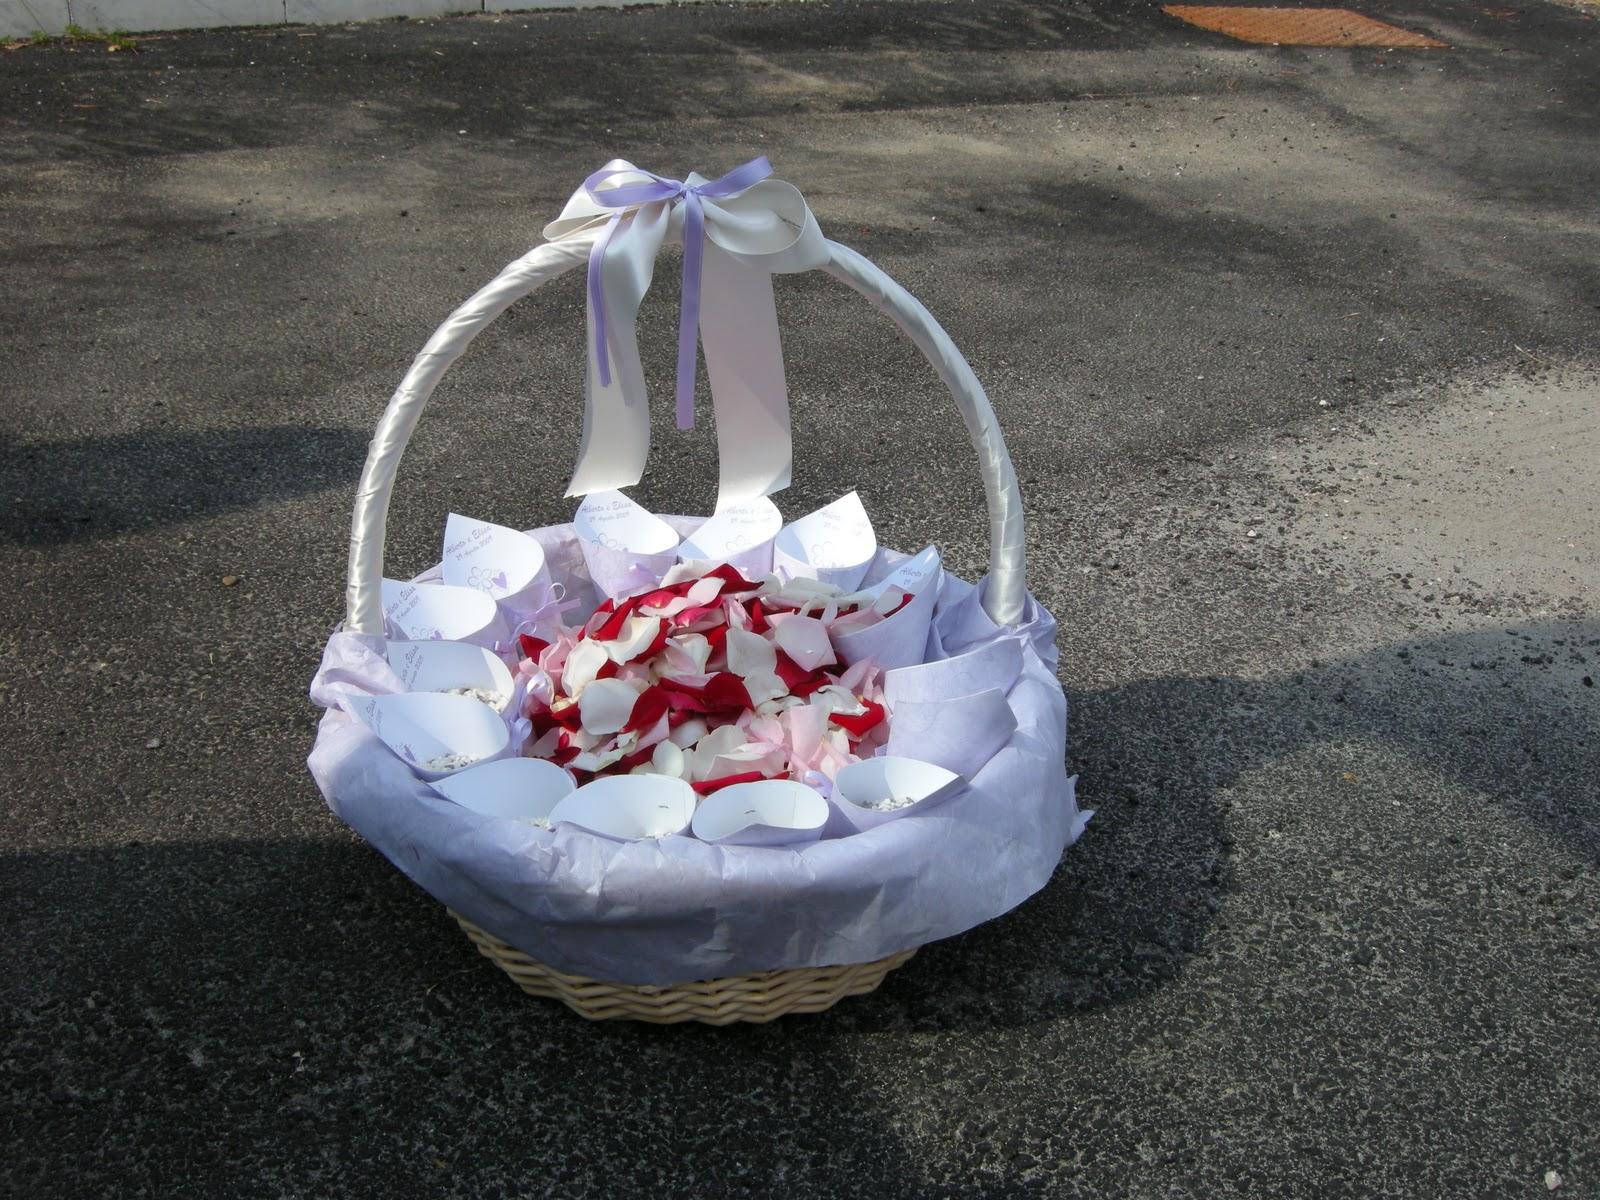 Il mio matrimonio i coni porta riso the irish princess - Porta riso matrimonio ...